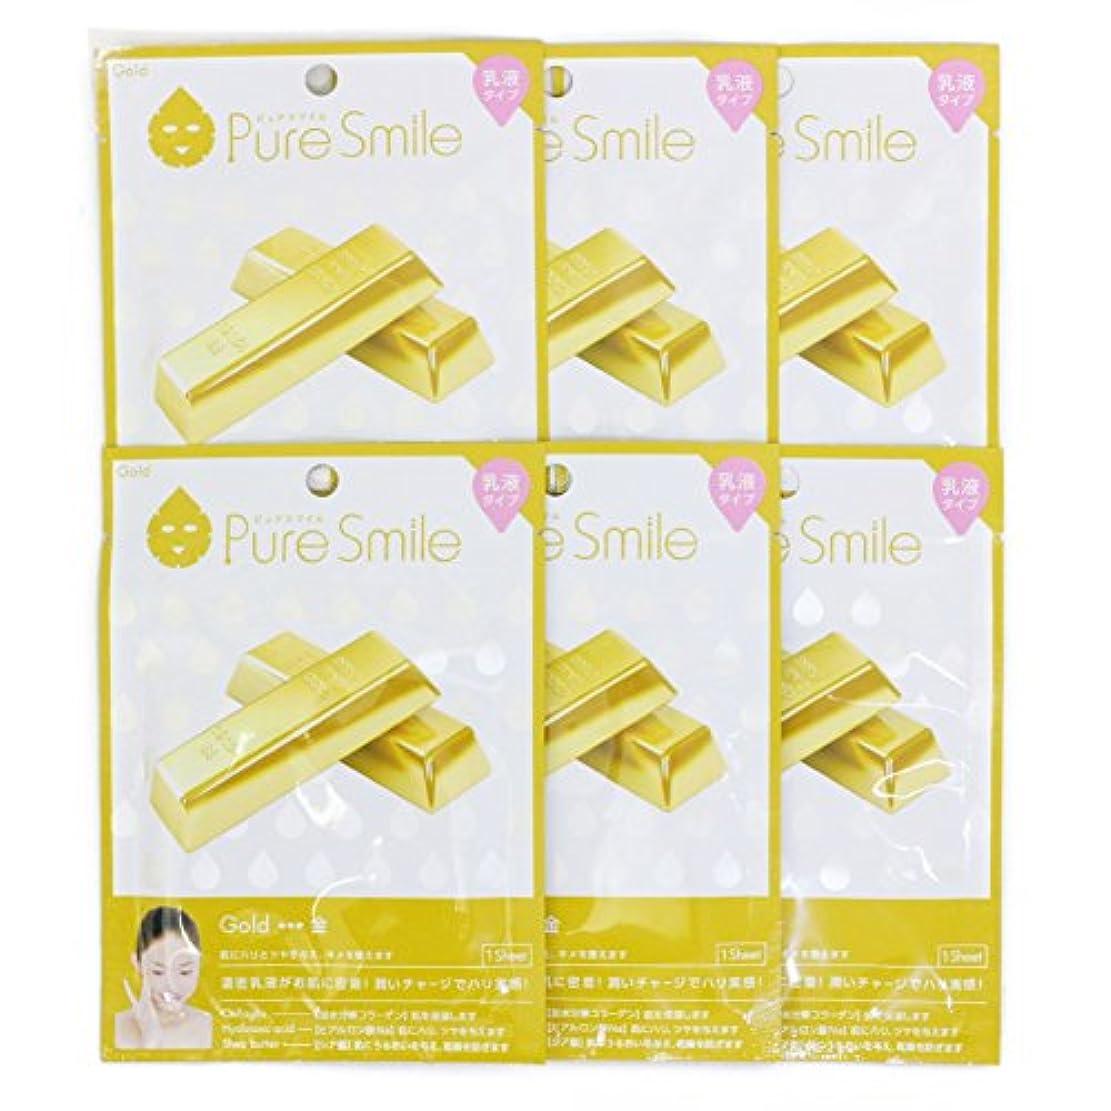 計算するベール制限されたPure Smile ピュアスマイル 乳液エッセンスマスク 金 6枚セット